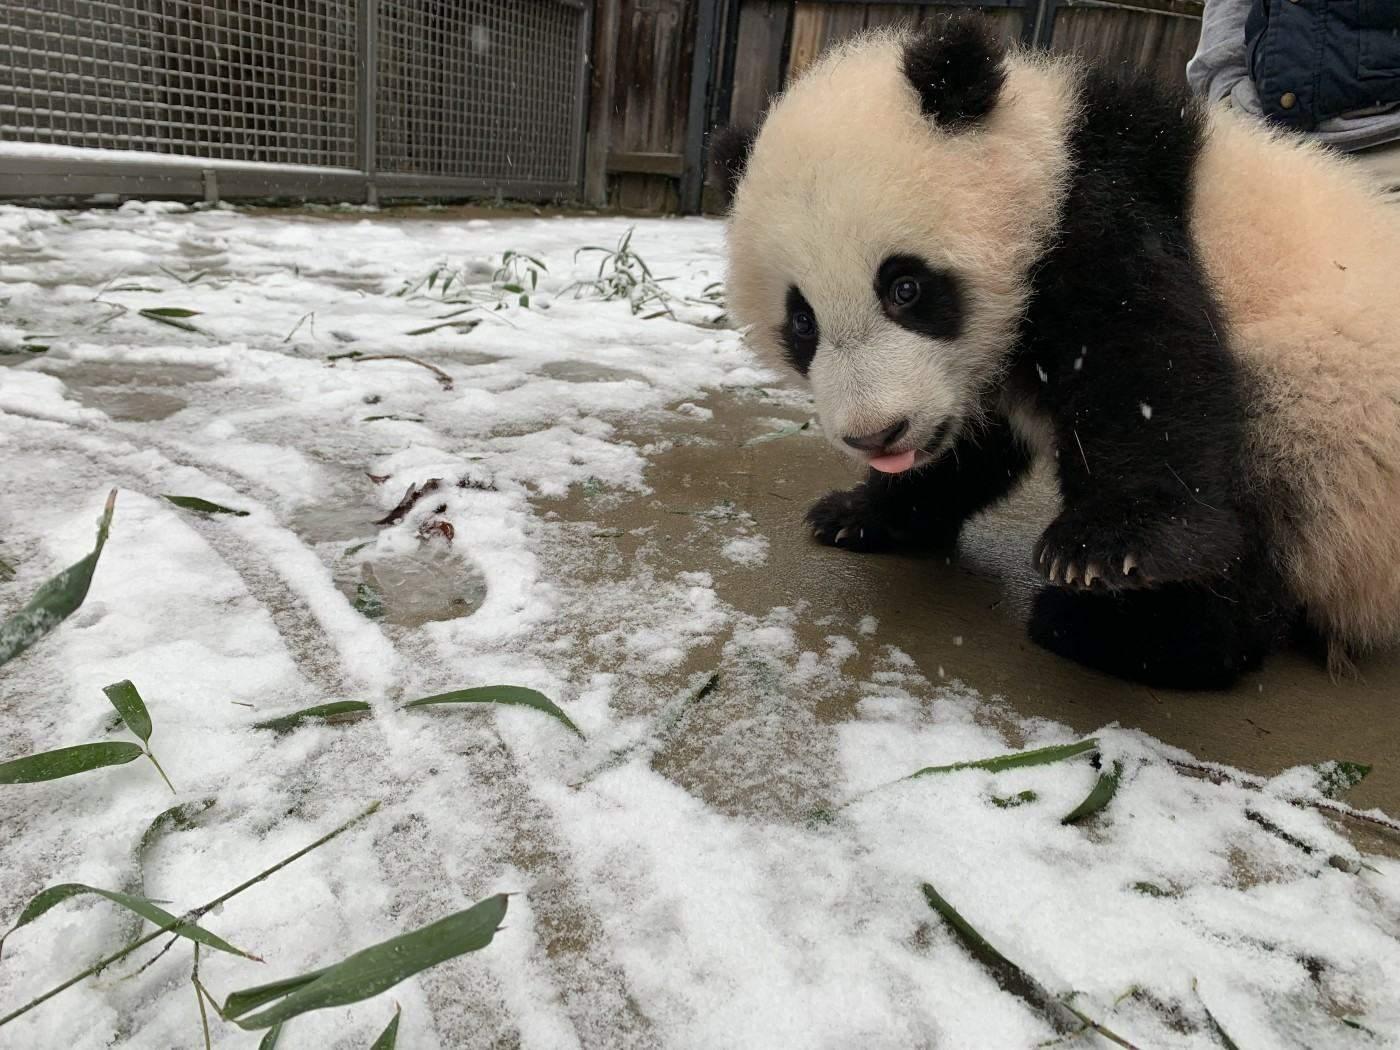 Забавные панды в снегу порадовали пользователей сети